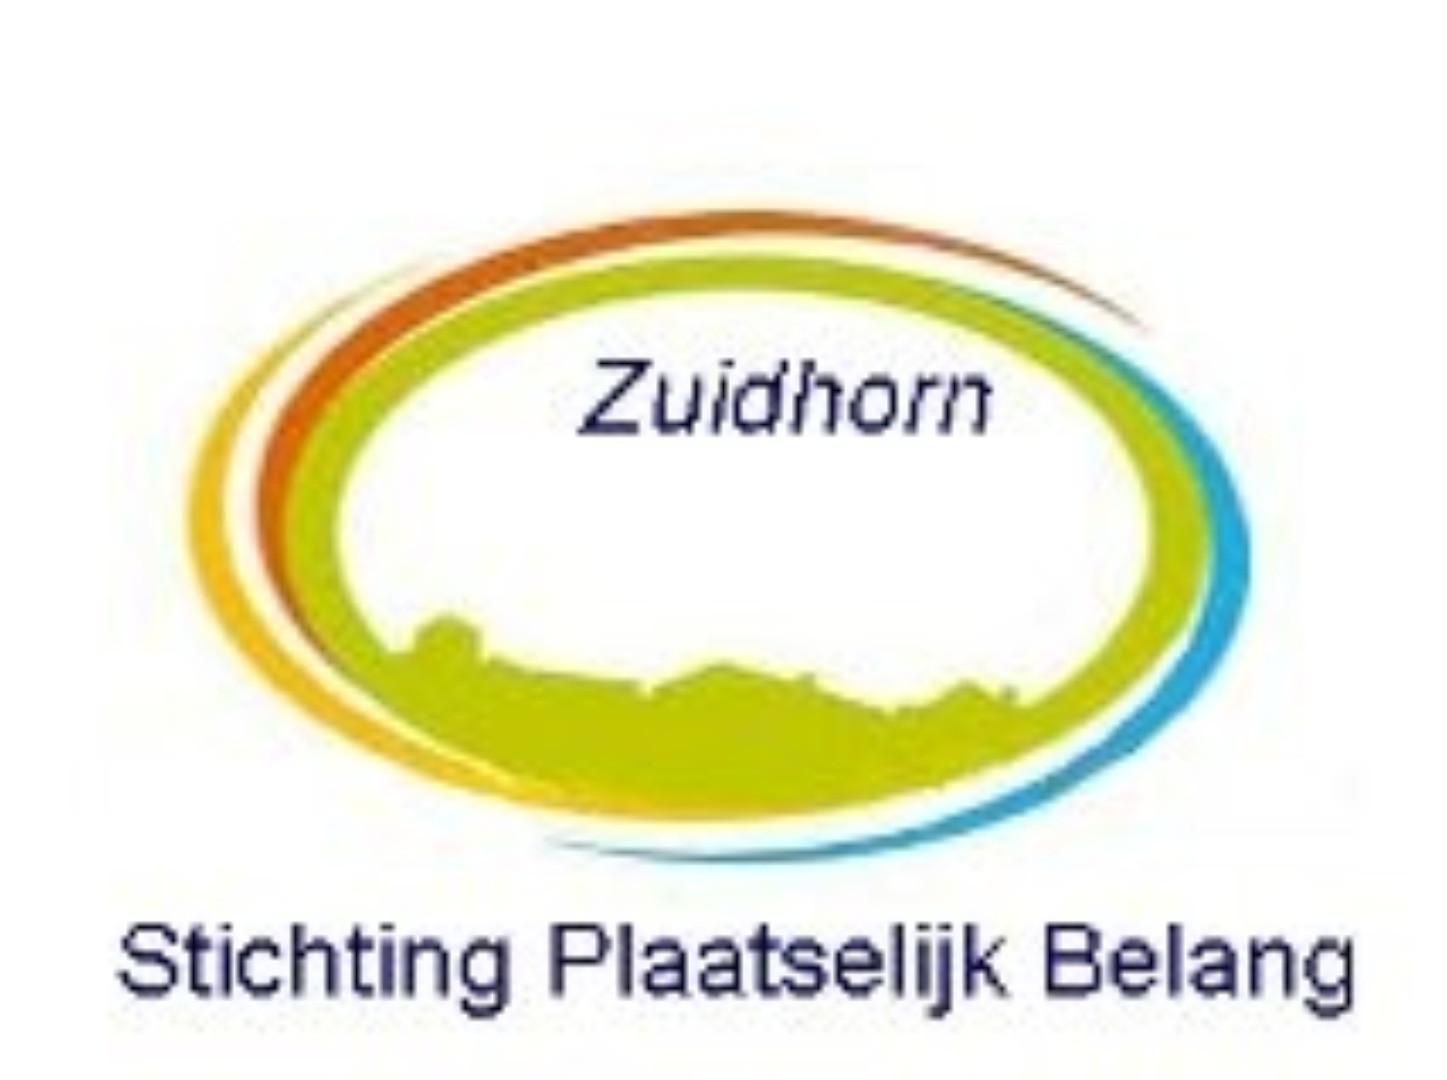 logo St Plaatselijk Belang_bewerkt_bewer